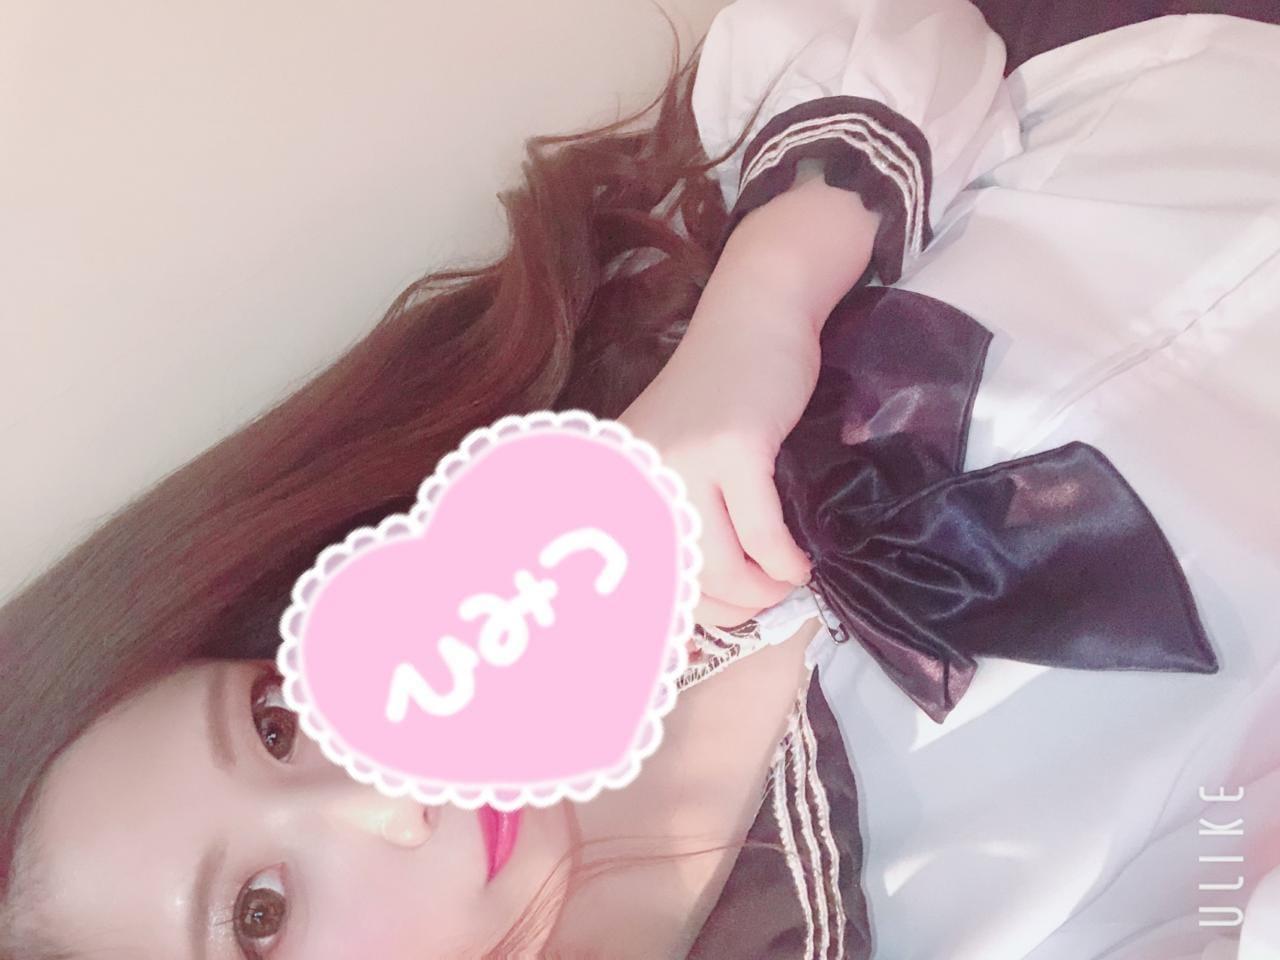 「ねえ見た‥??下着動画」12/04(12/04) 17:08 | ☆ゆりな(20)☆の写メ・風俗動画